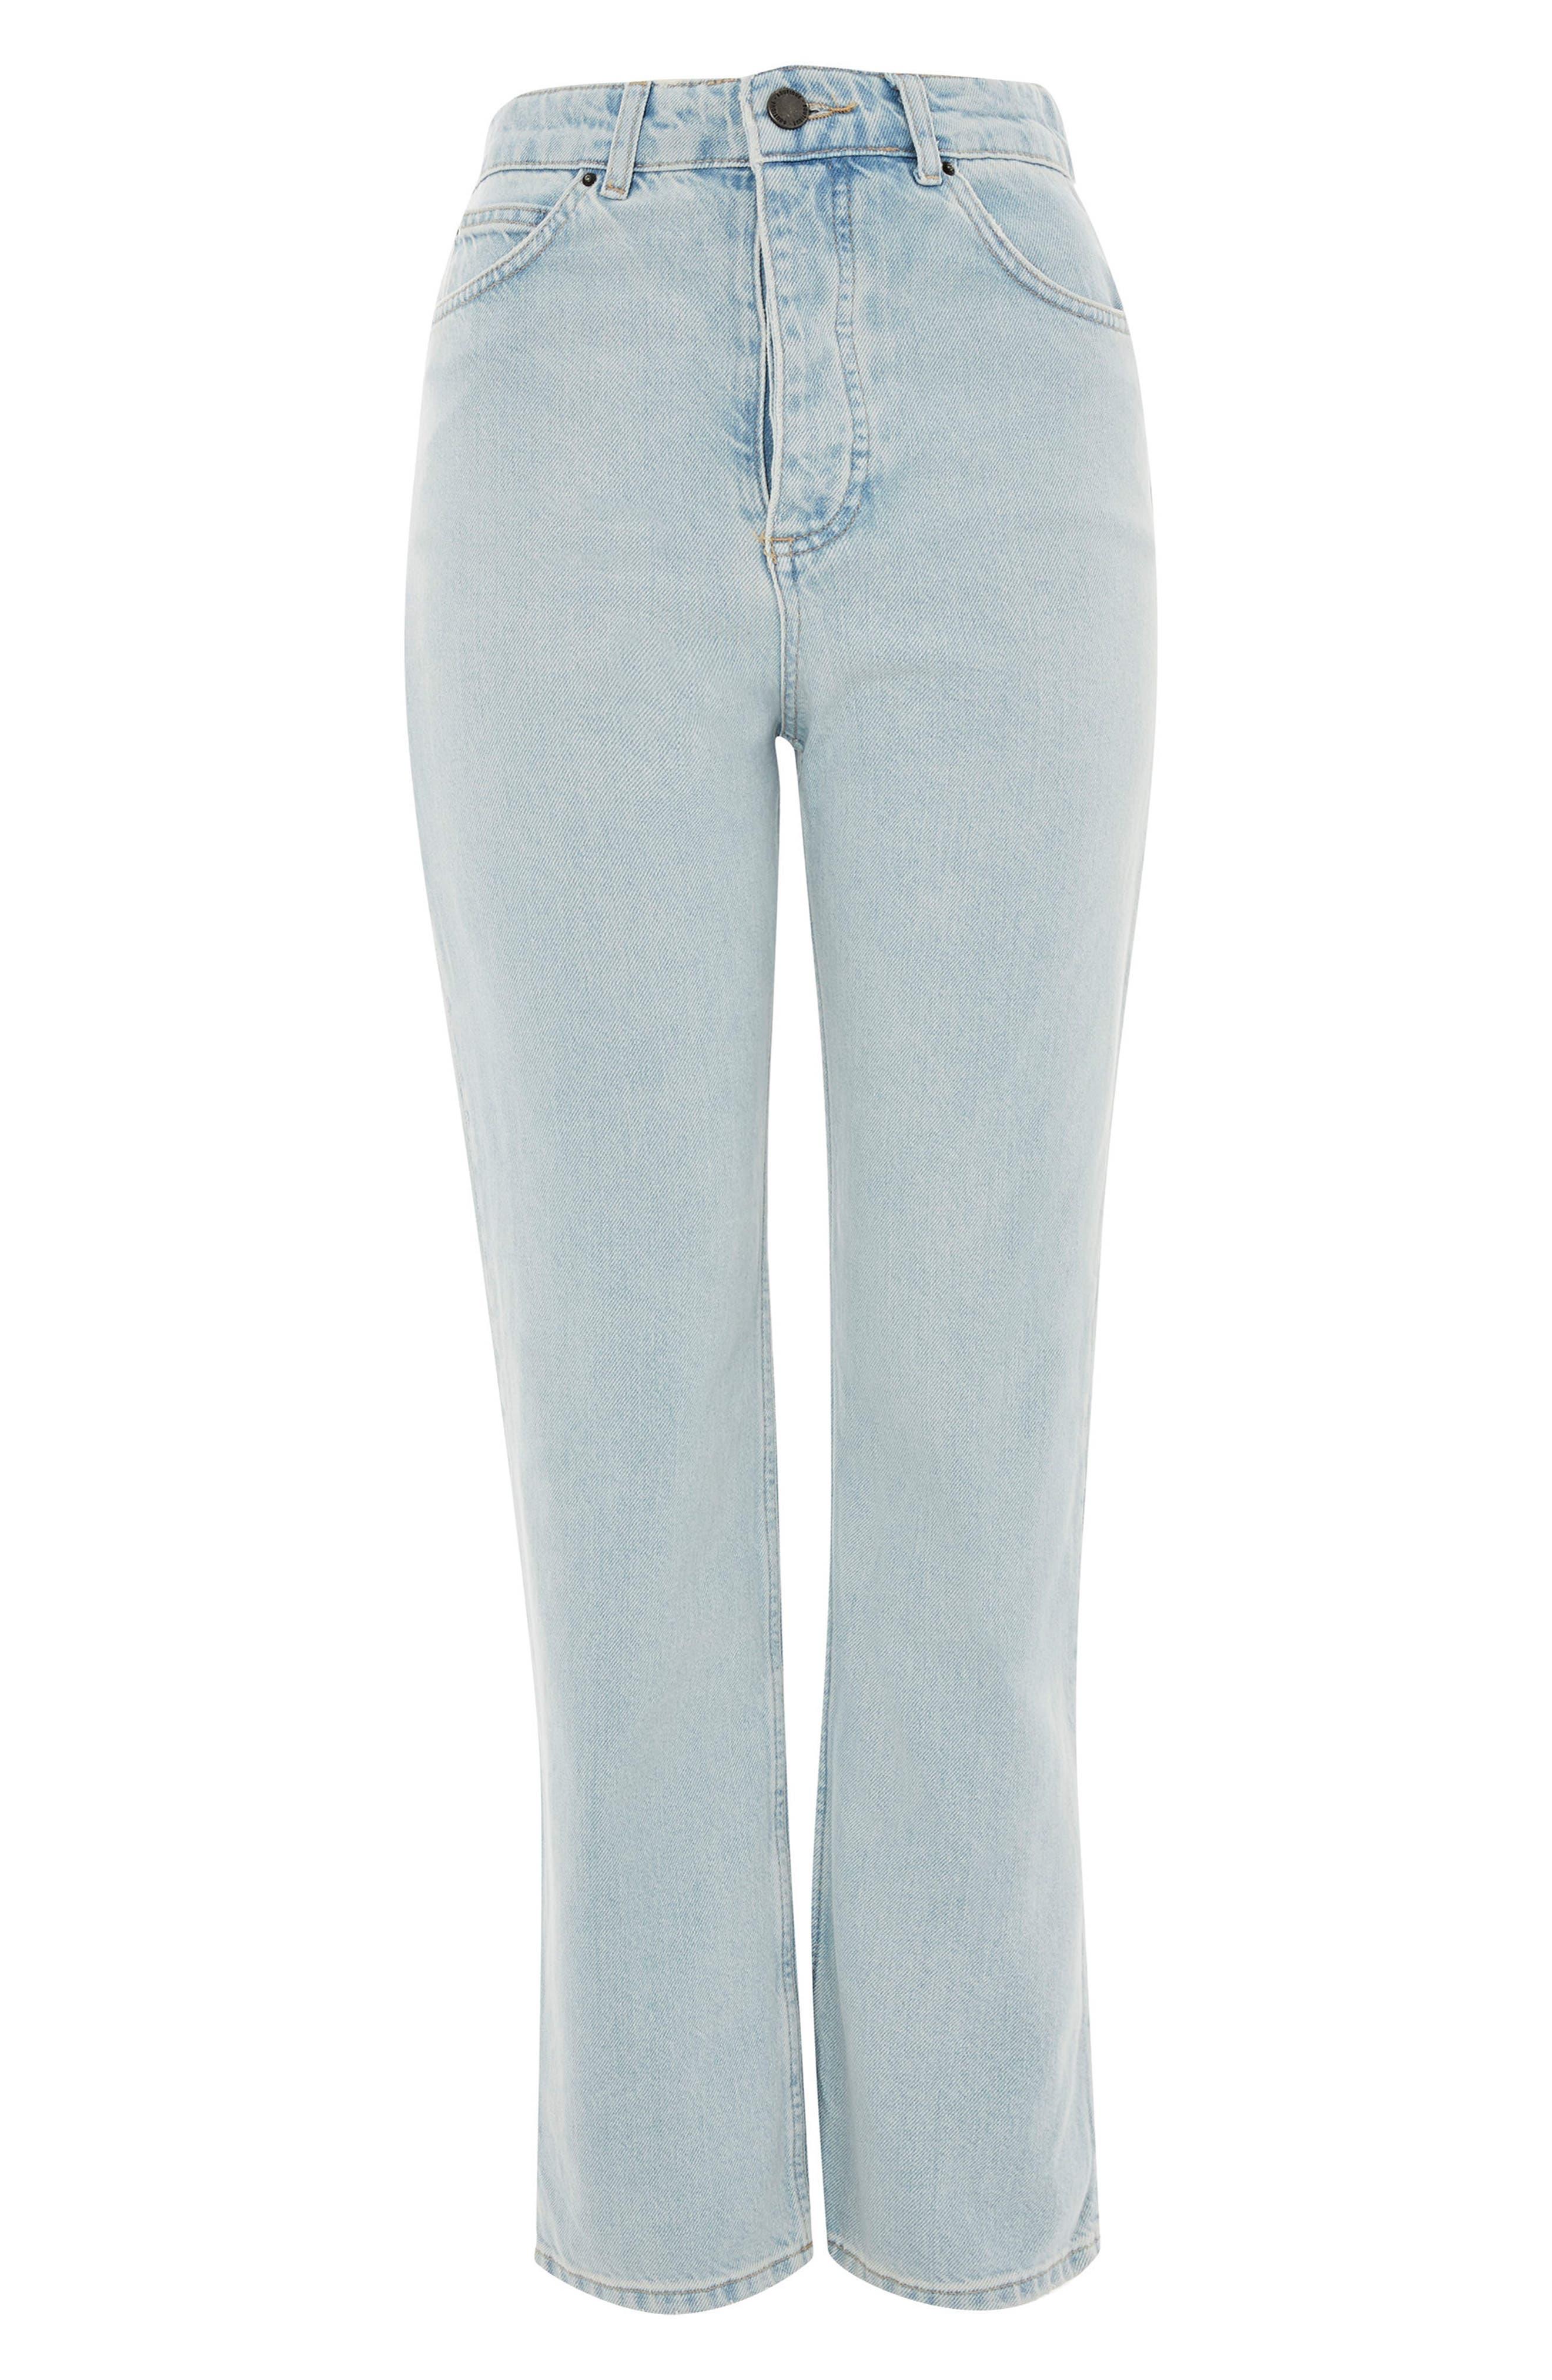 Boutique Bleach Denim Jeans,                             Alternate thumbnail 3, color,